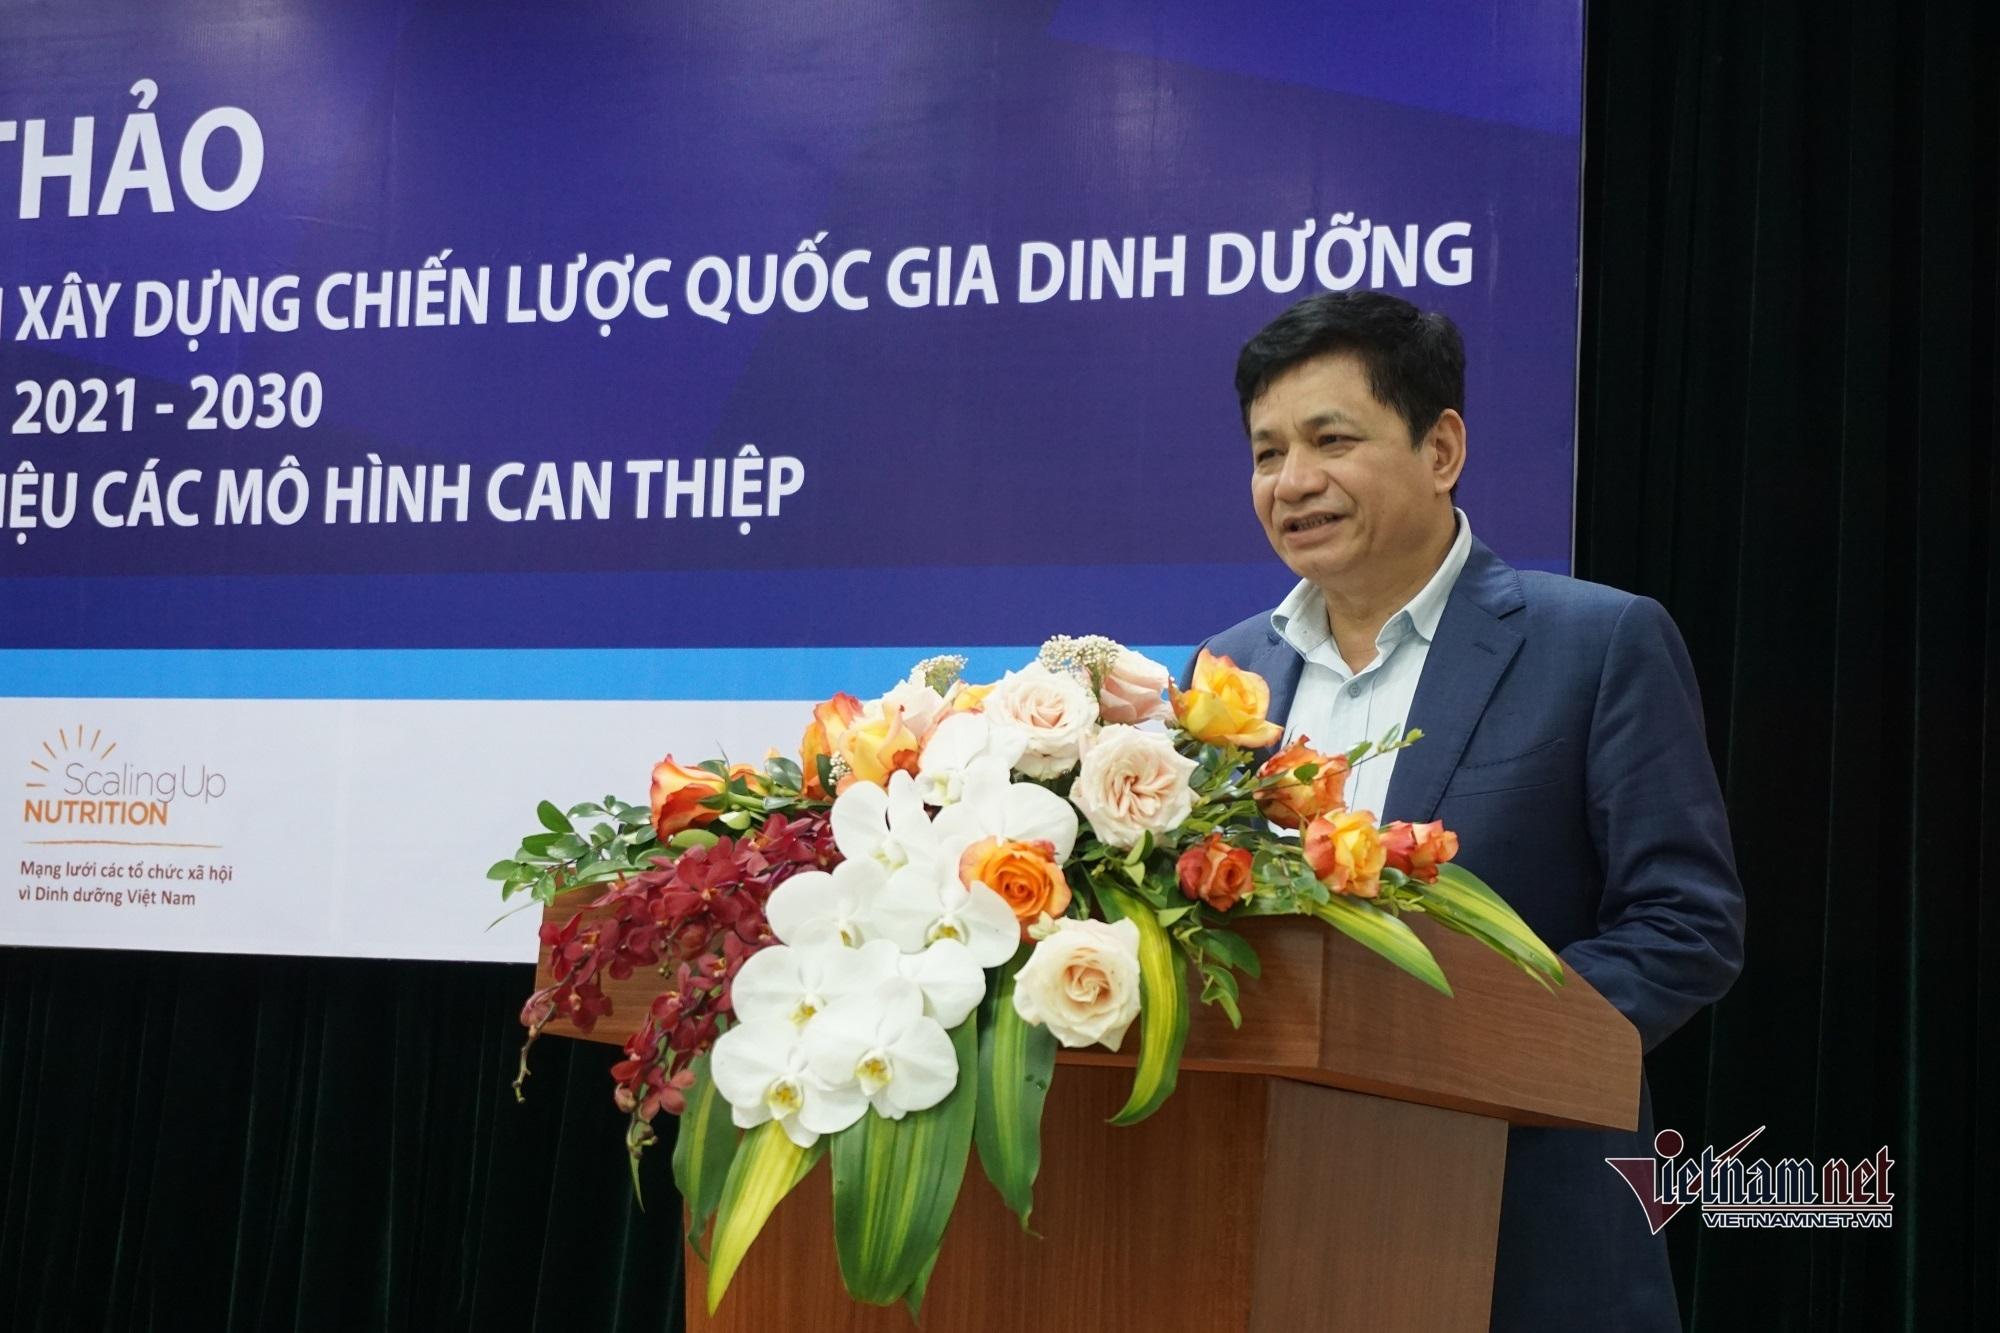 Người Việt tiêu thụ thịt nhiều gấp đôi khuyến nghị phòng chống ung thư